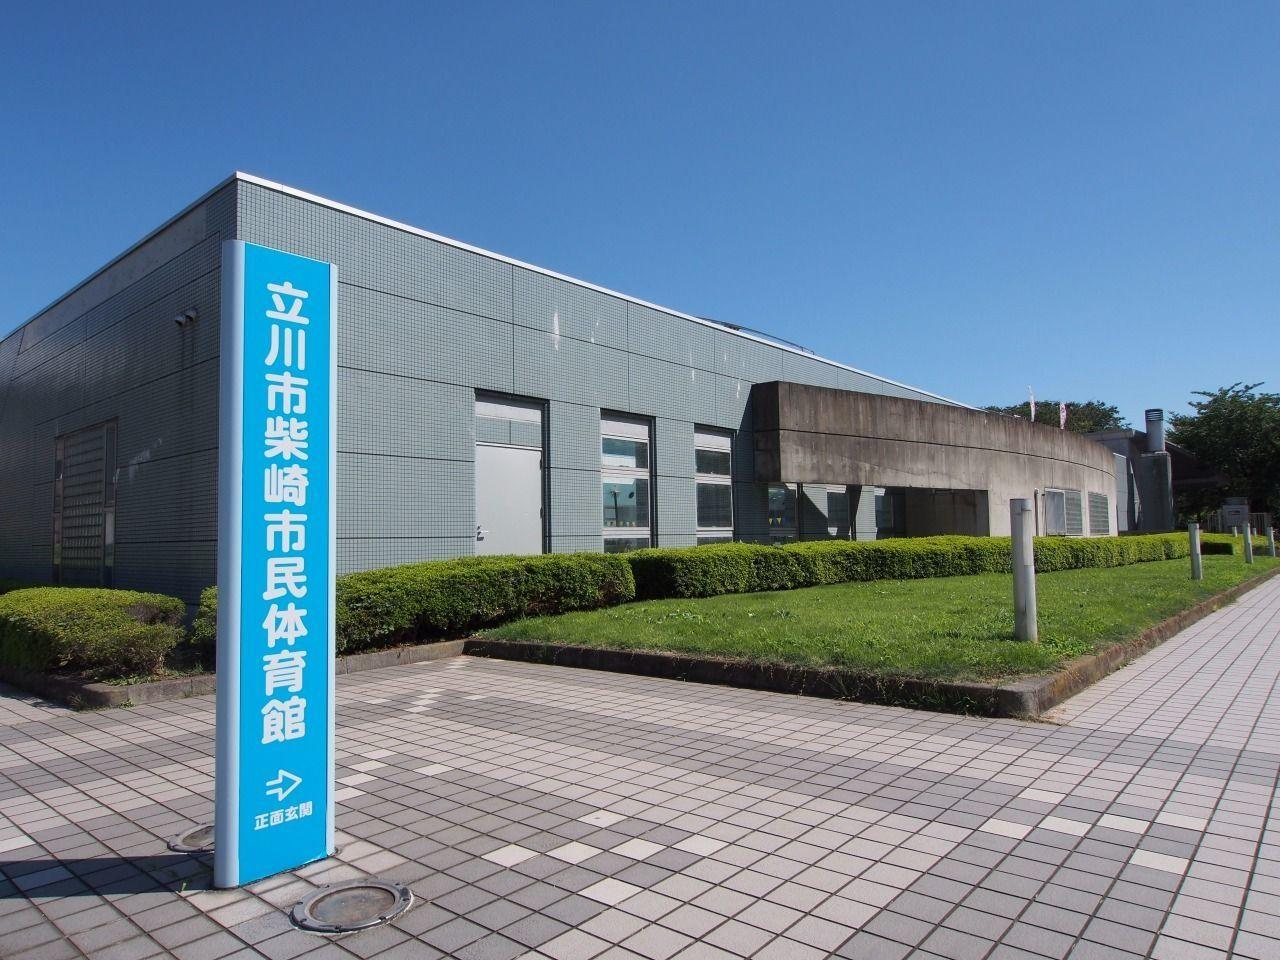 屋内プールもある市立体育館。正和荘から「485m」